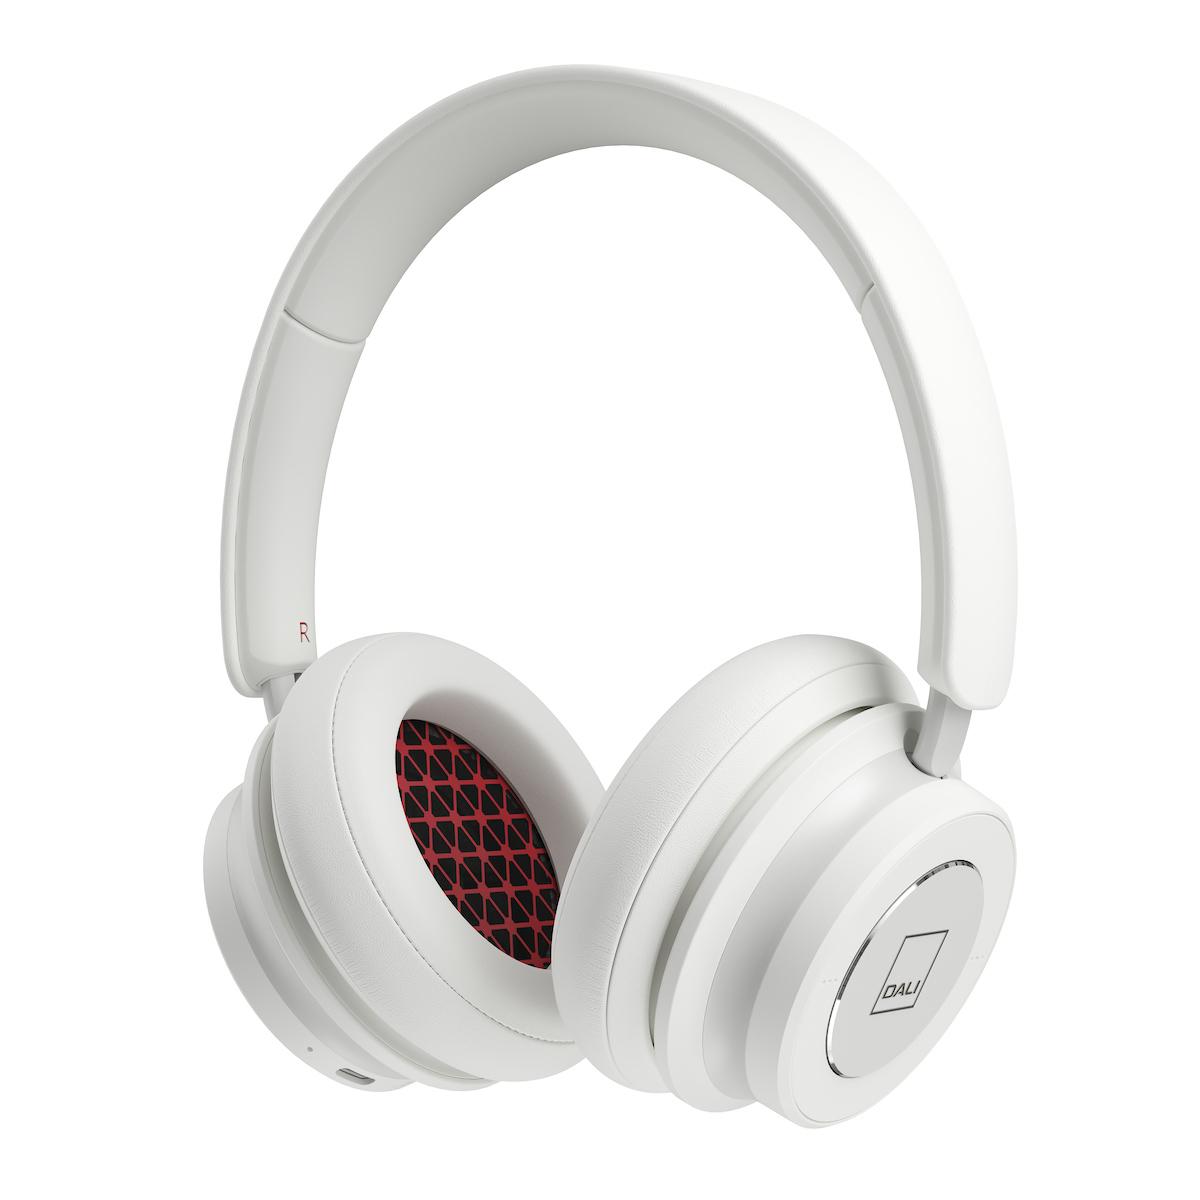 Dali IO-6 Bluetooth-Kopfhörer 5.0 mit Active Noise Cancelling (30 Stunden Laufzeit) weiss